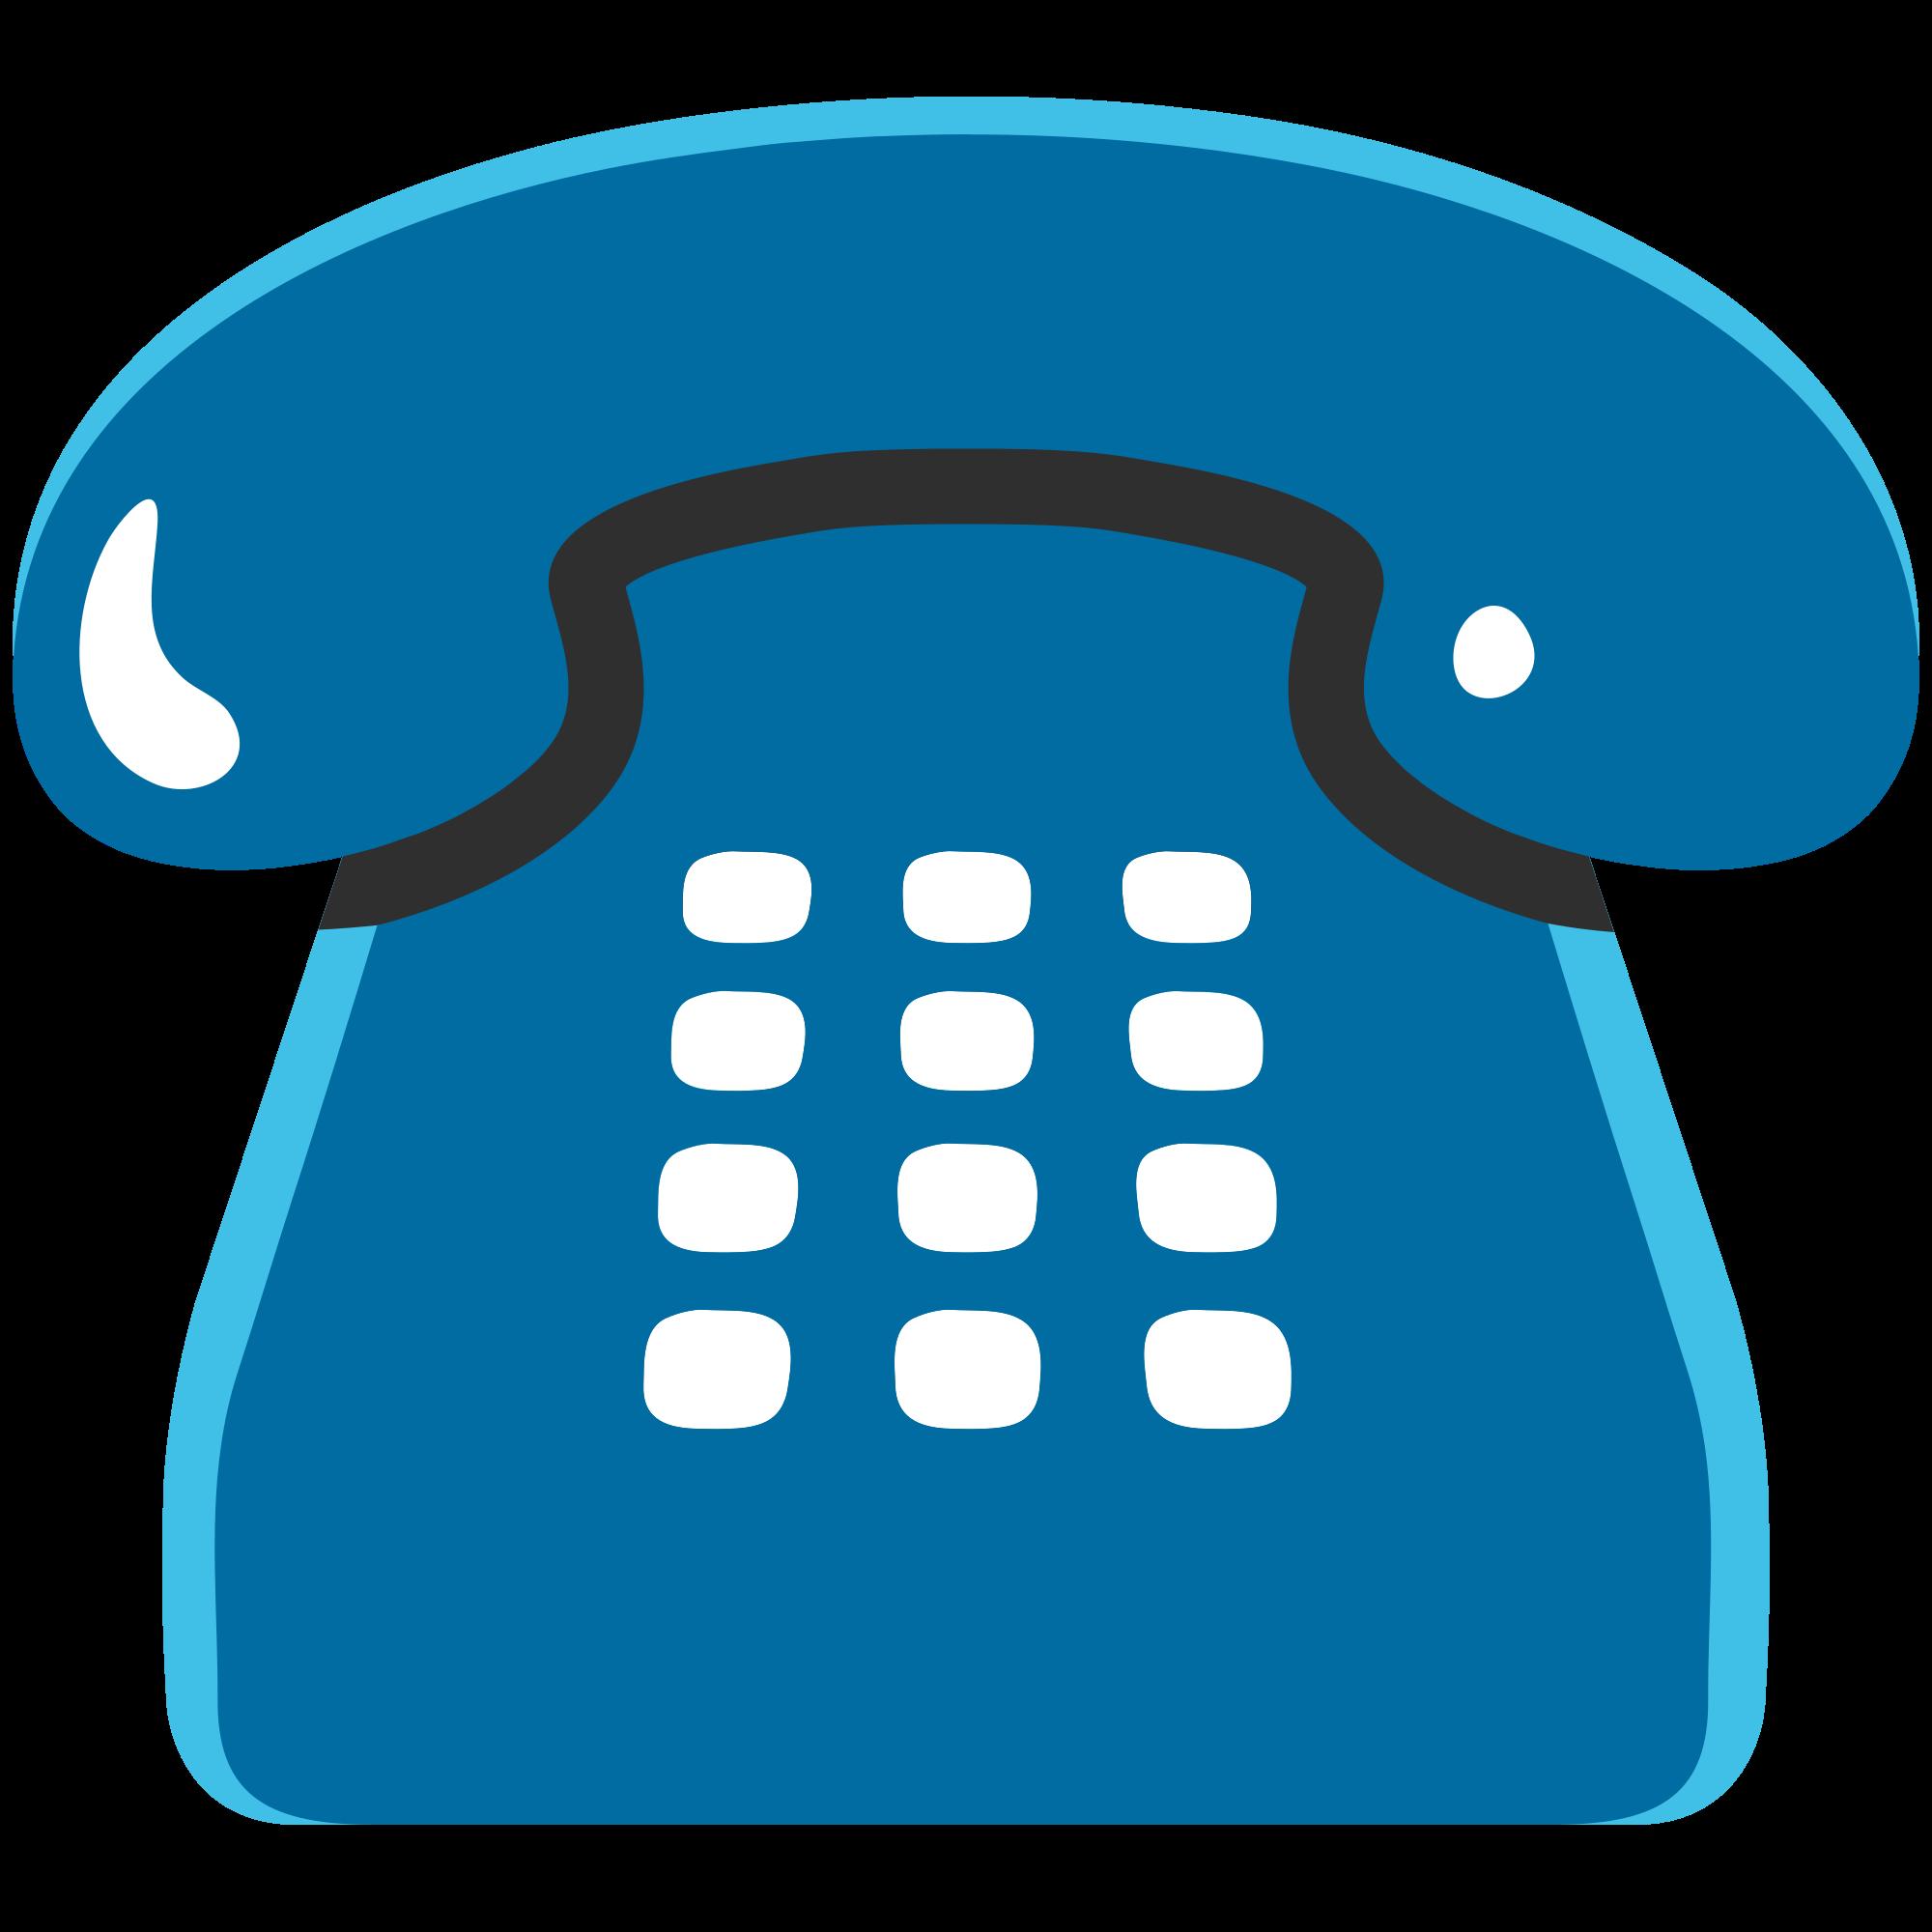 Telephone clipart emoji. File u e svg